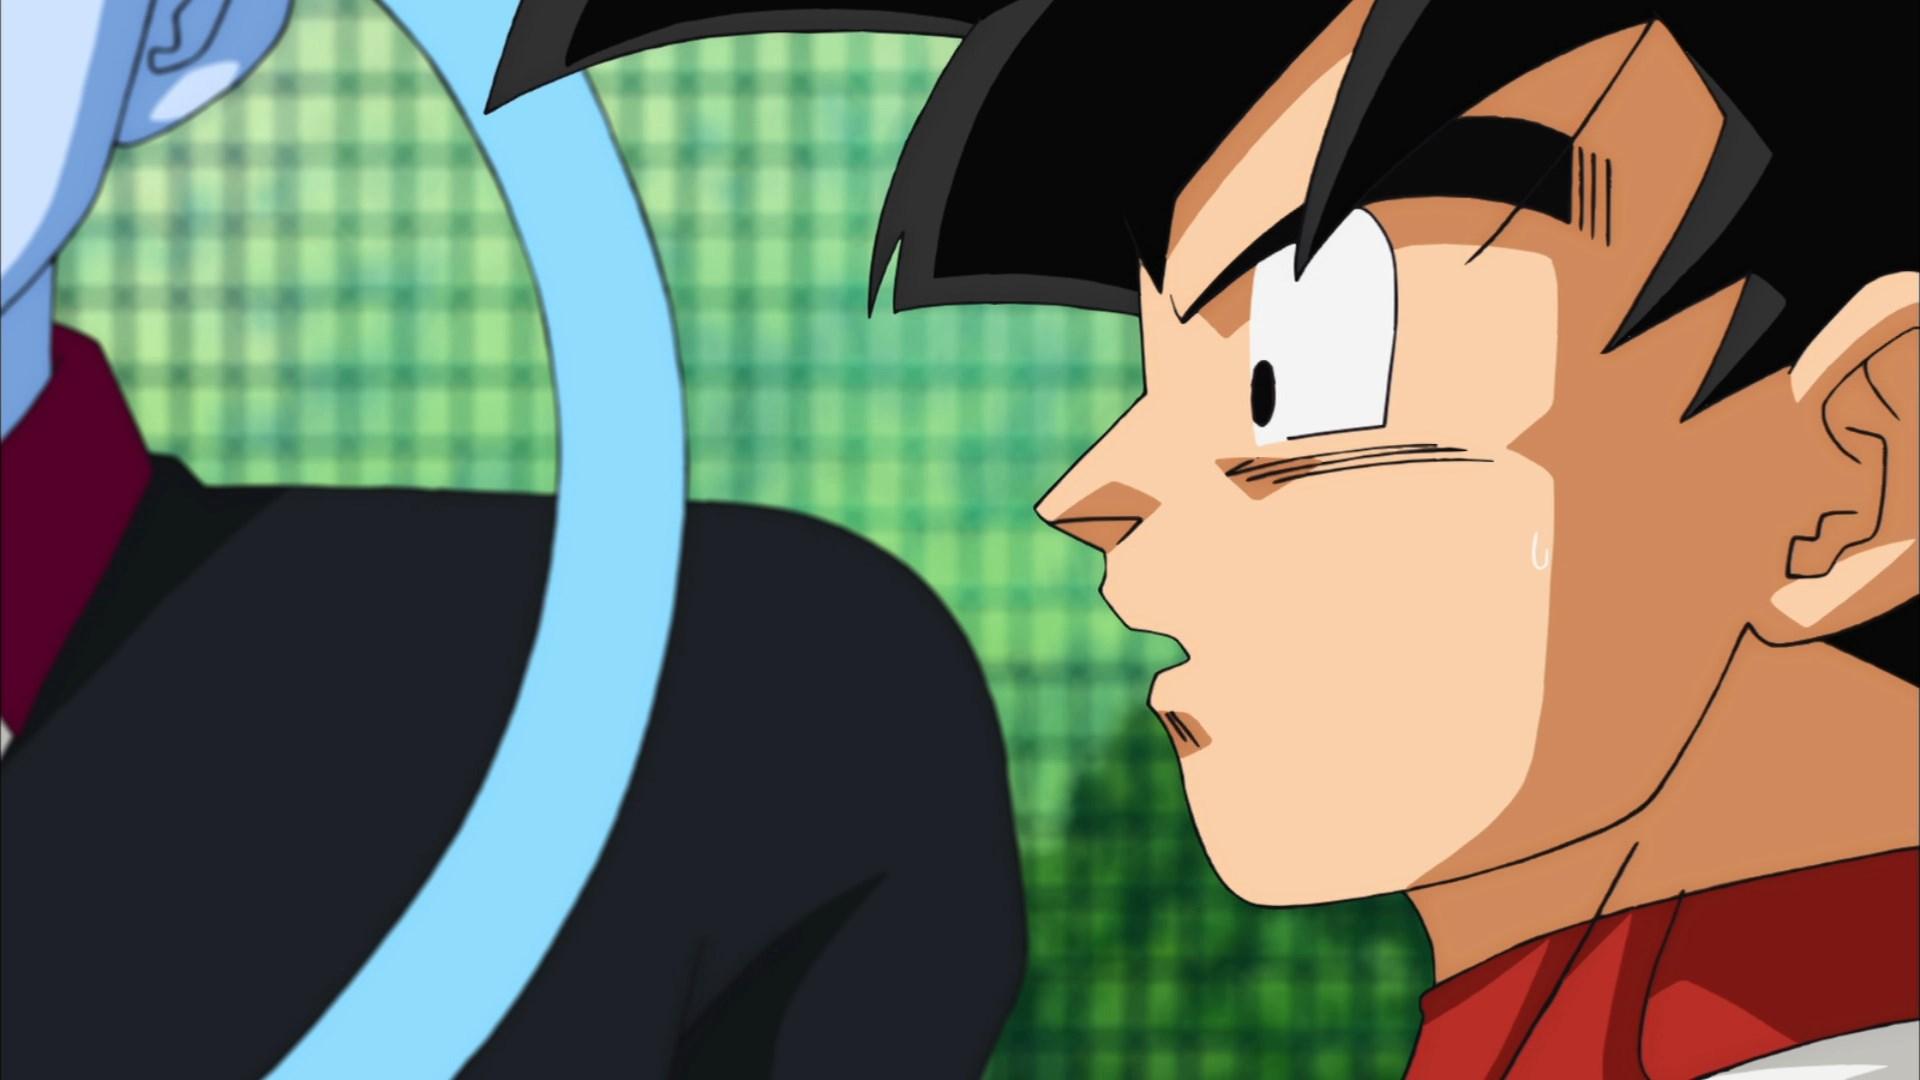 [DS] Dragon Ball Super 070 [1080p].mkv_snapshot_09.14_[2016.12.11_03.42.28]